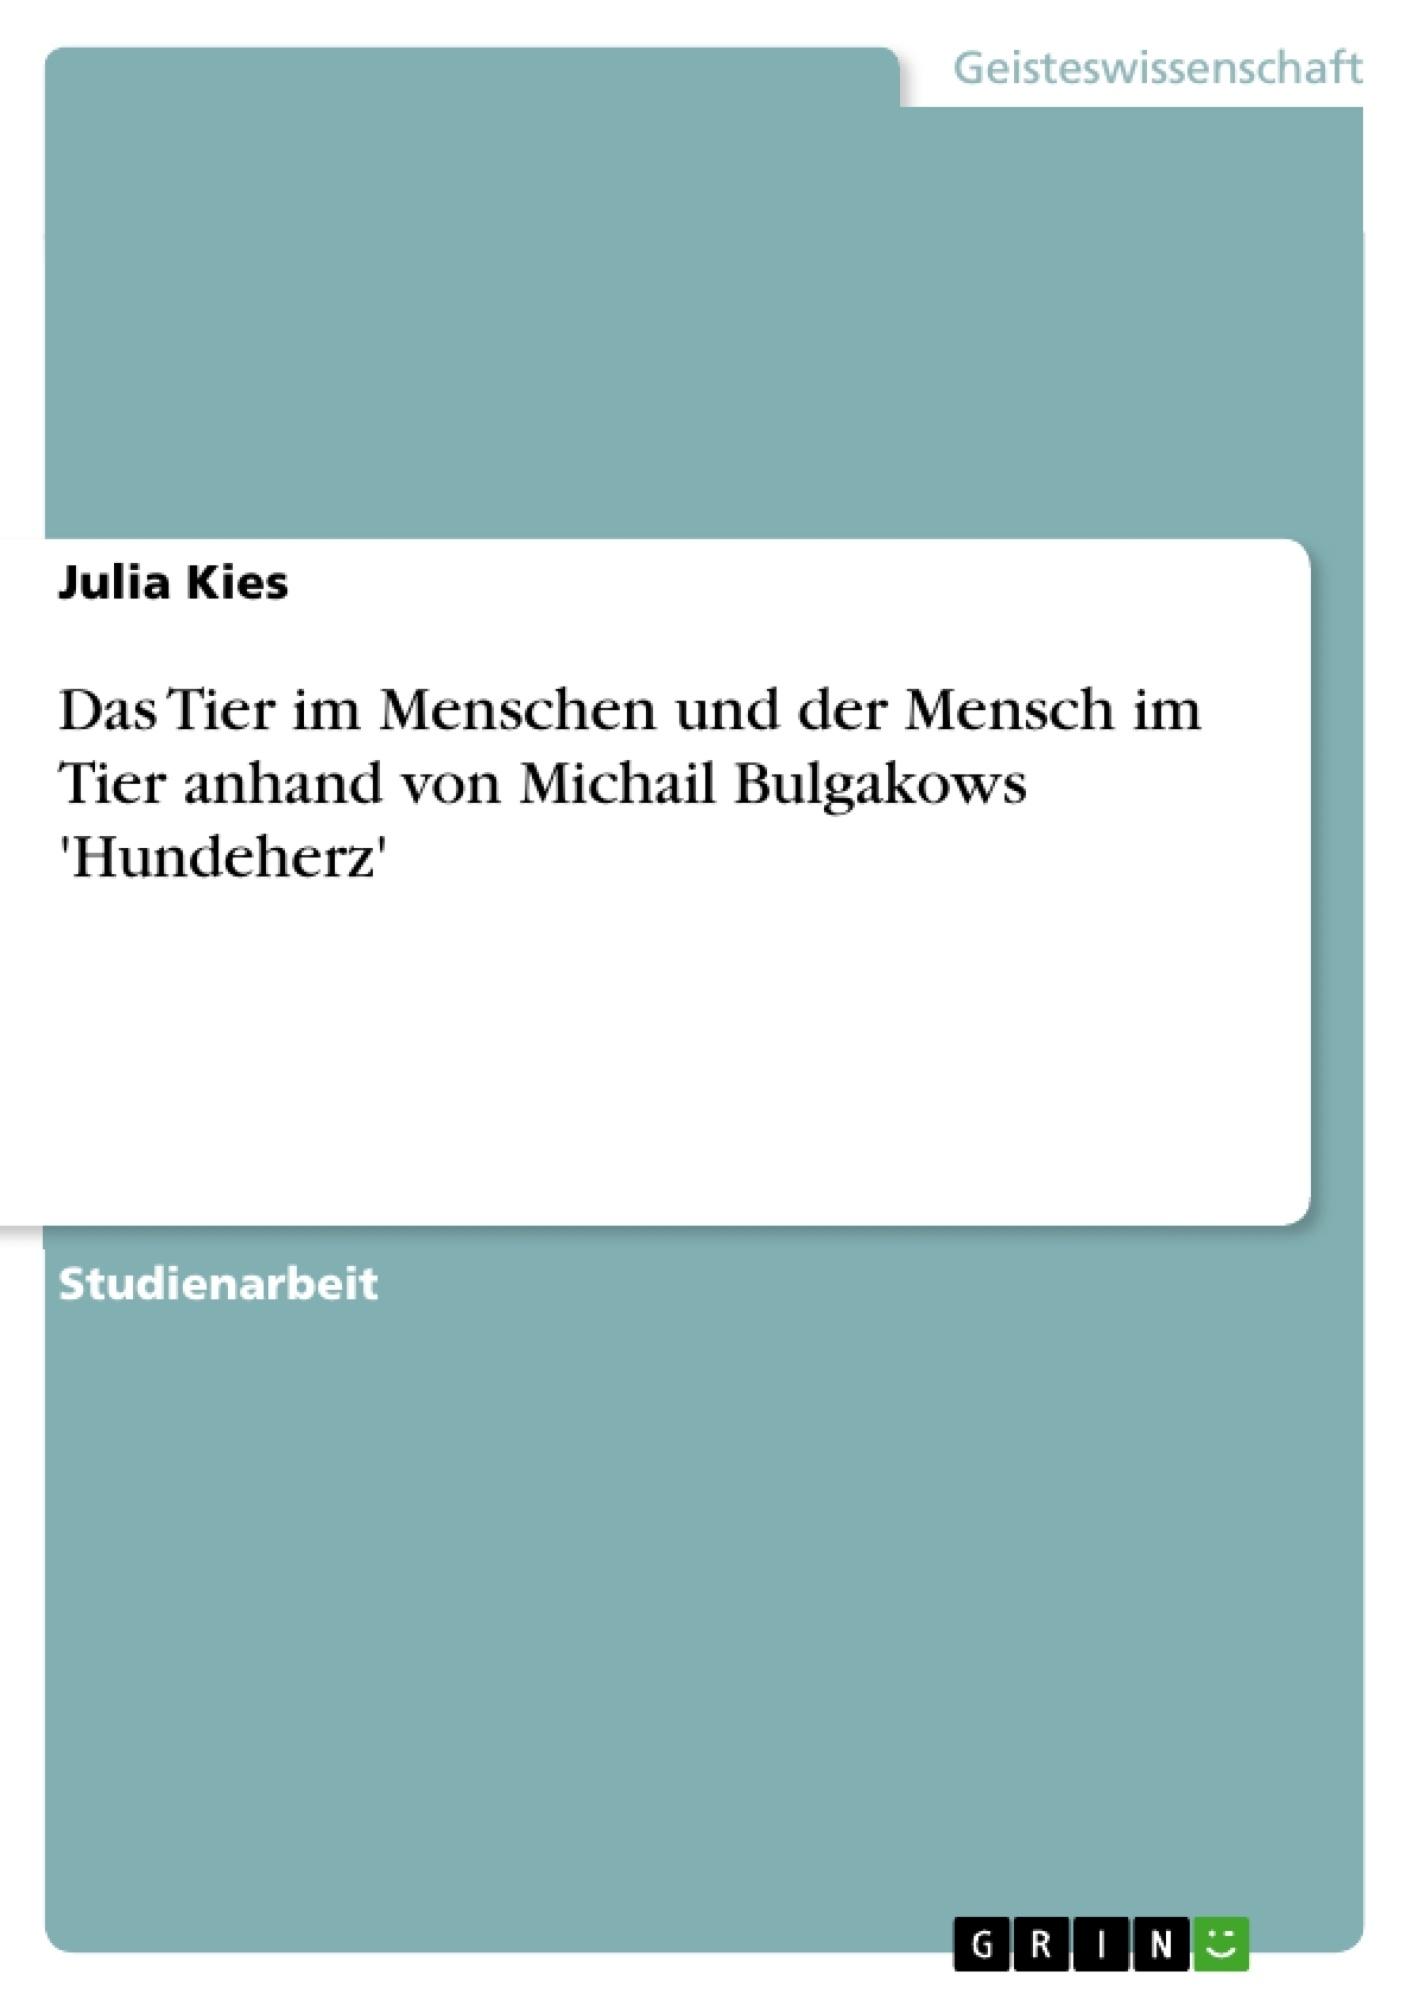 Titel: Das Tier im Menschen und der Mensch im Tier anhand von Michail Bulgakows 'Hundeherz'